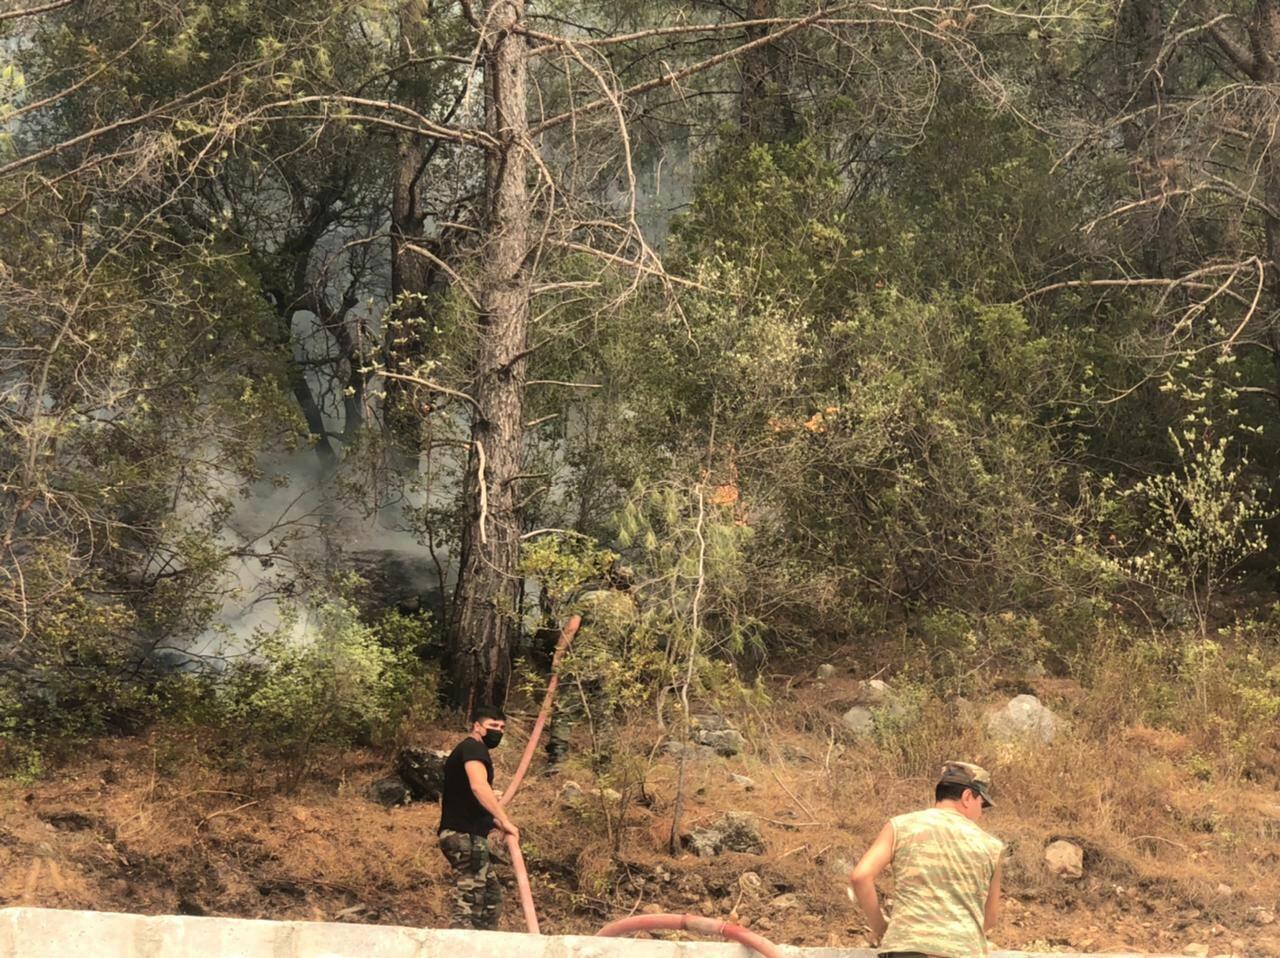 МЧС Азербайджана продолжают тушение лесных пожаров в Турции